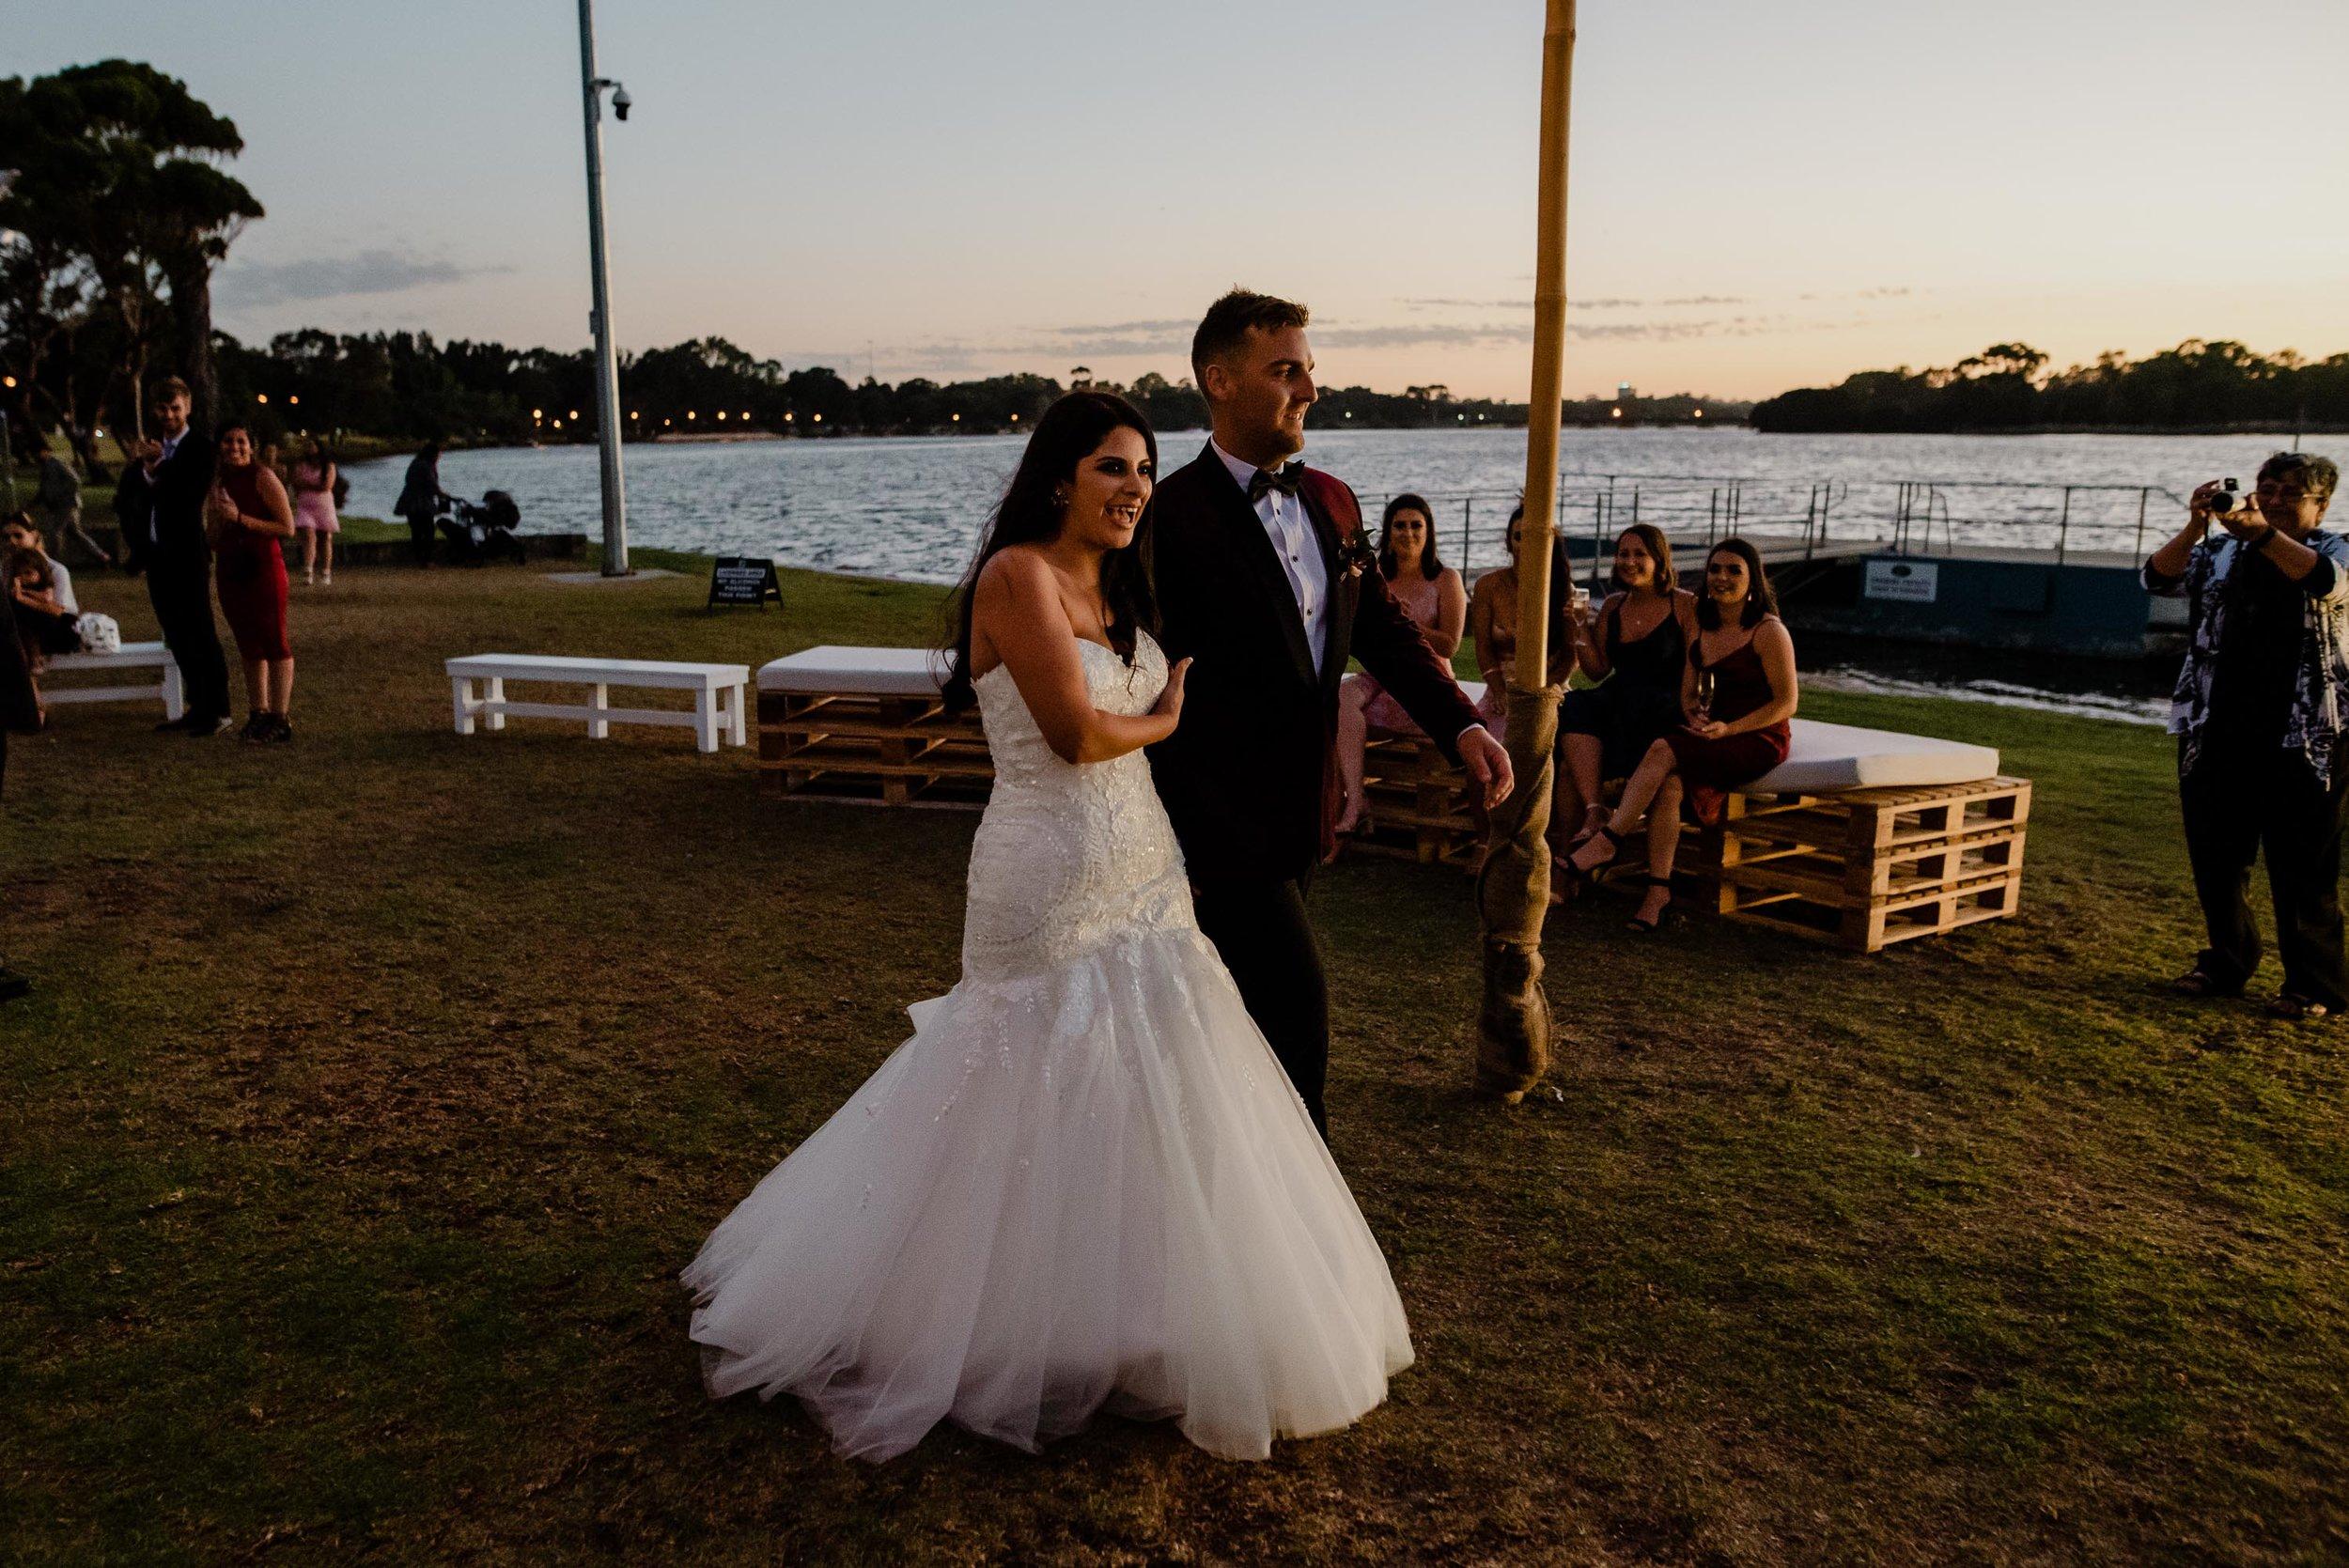 liz-adin-burswood-swan-wedding-sneaks-43.JPG